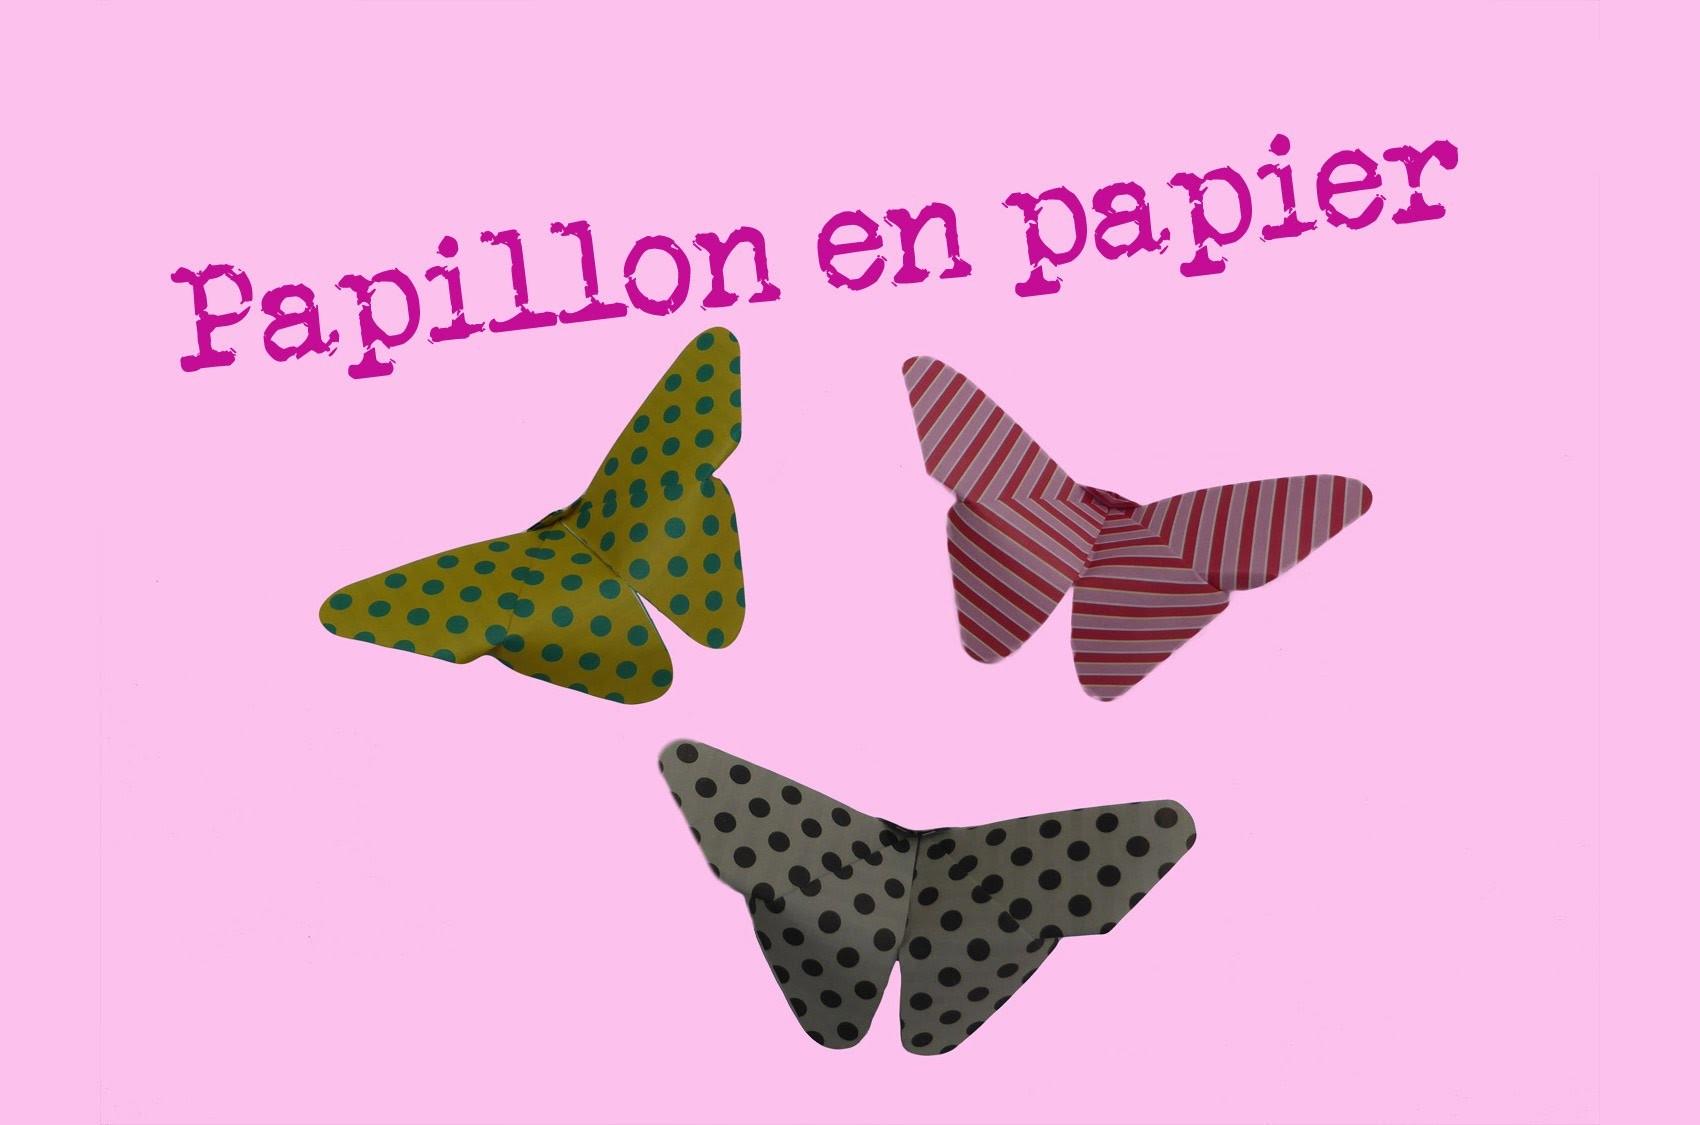 comment faire un papillon en papier facile pliages dorigami explication pliage de papier. Black Bedroom Furniture Sets. Home Design Ideas